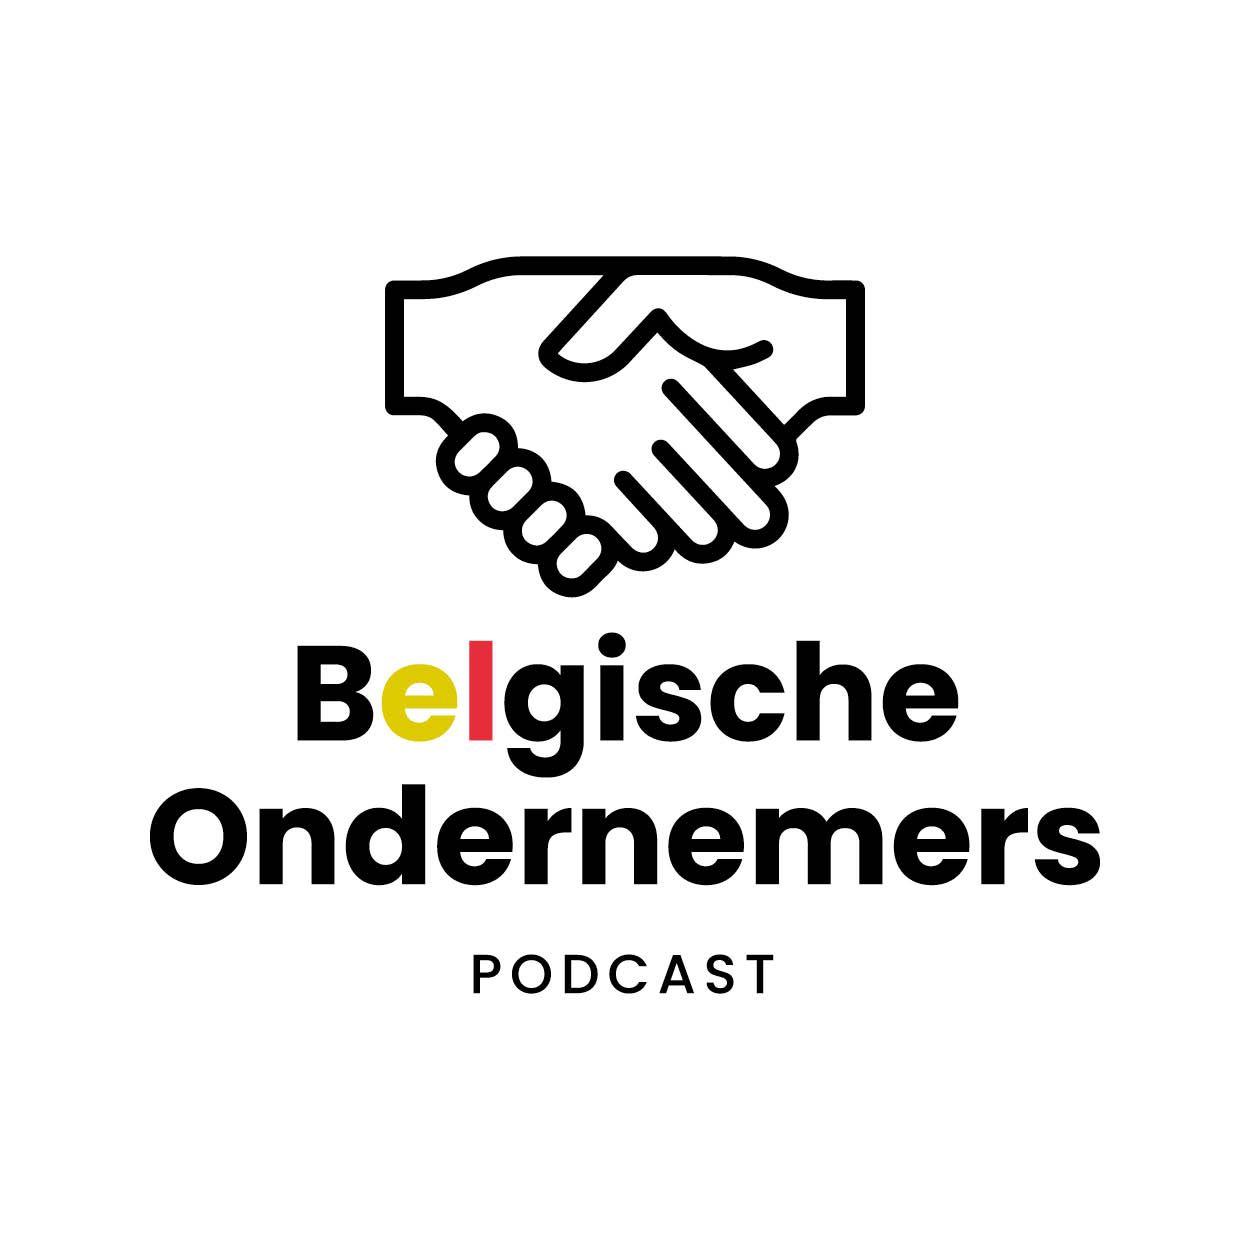 Belgische ondernemers podcast